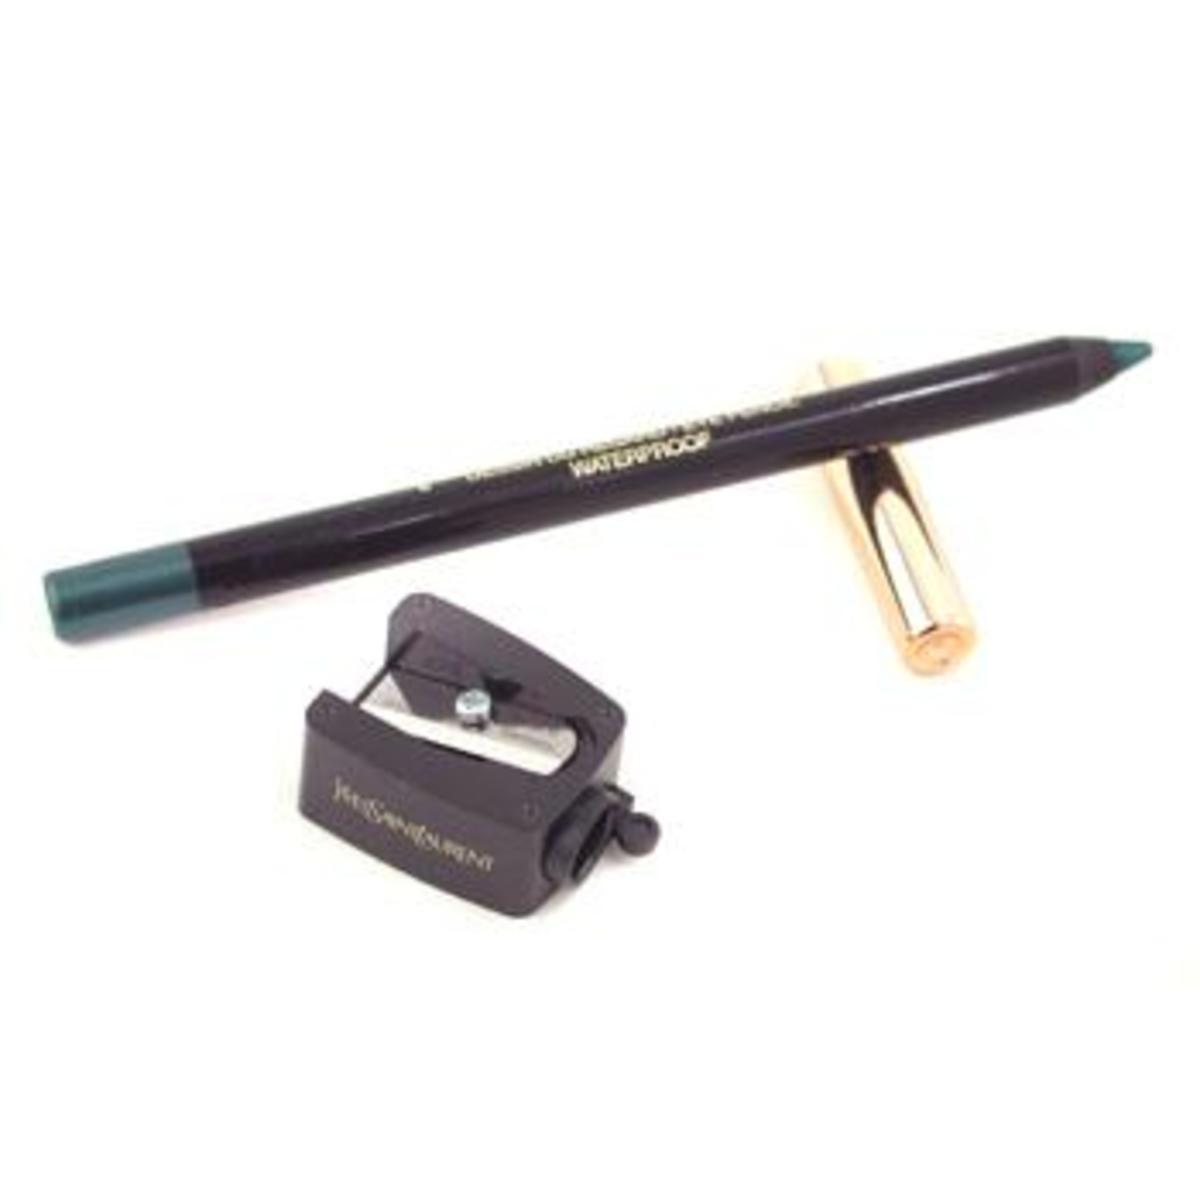 YSL Waterproof Eye Pencil in Amazon Green